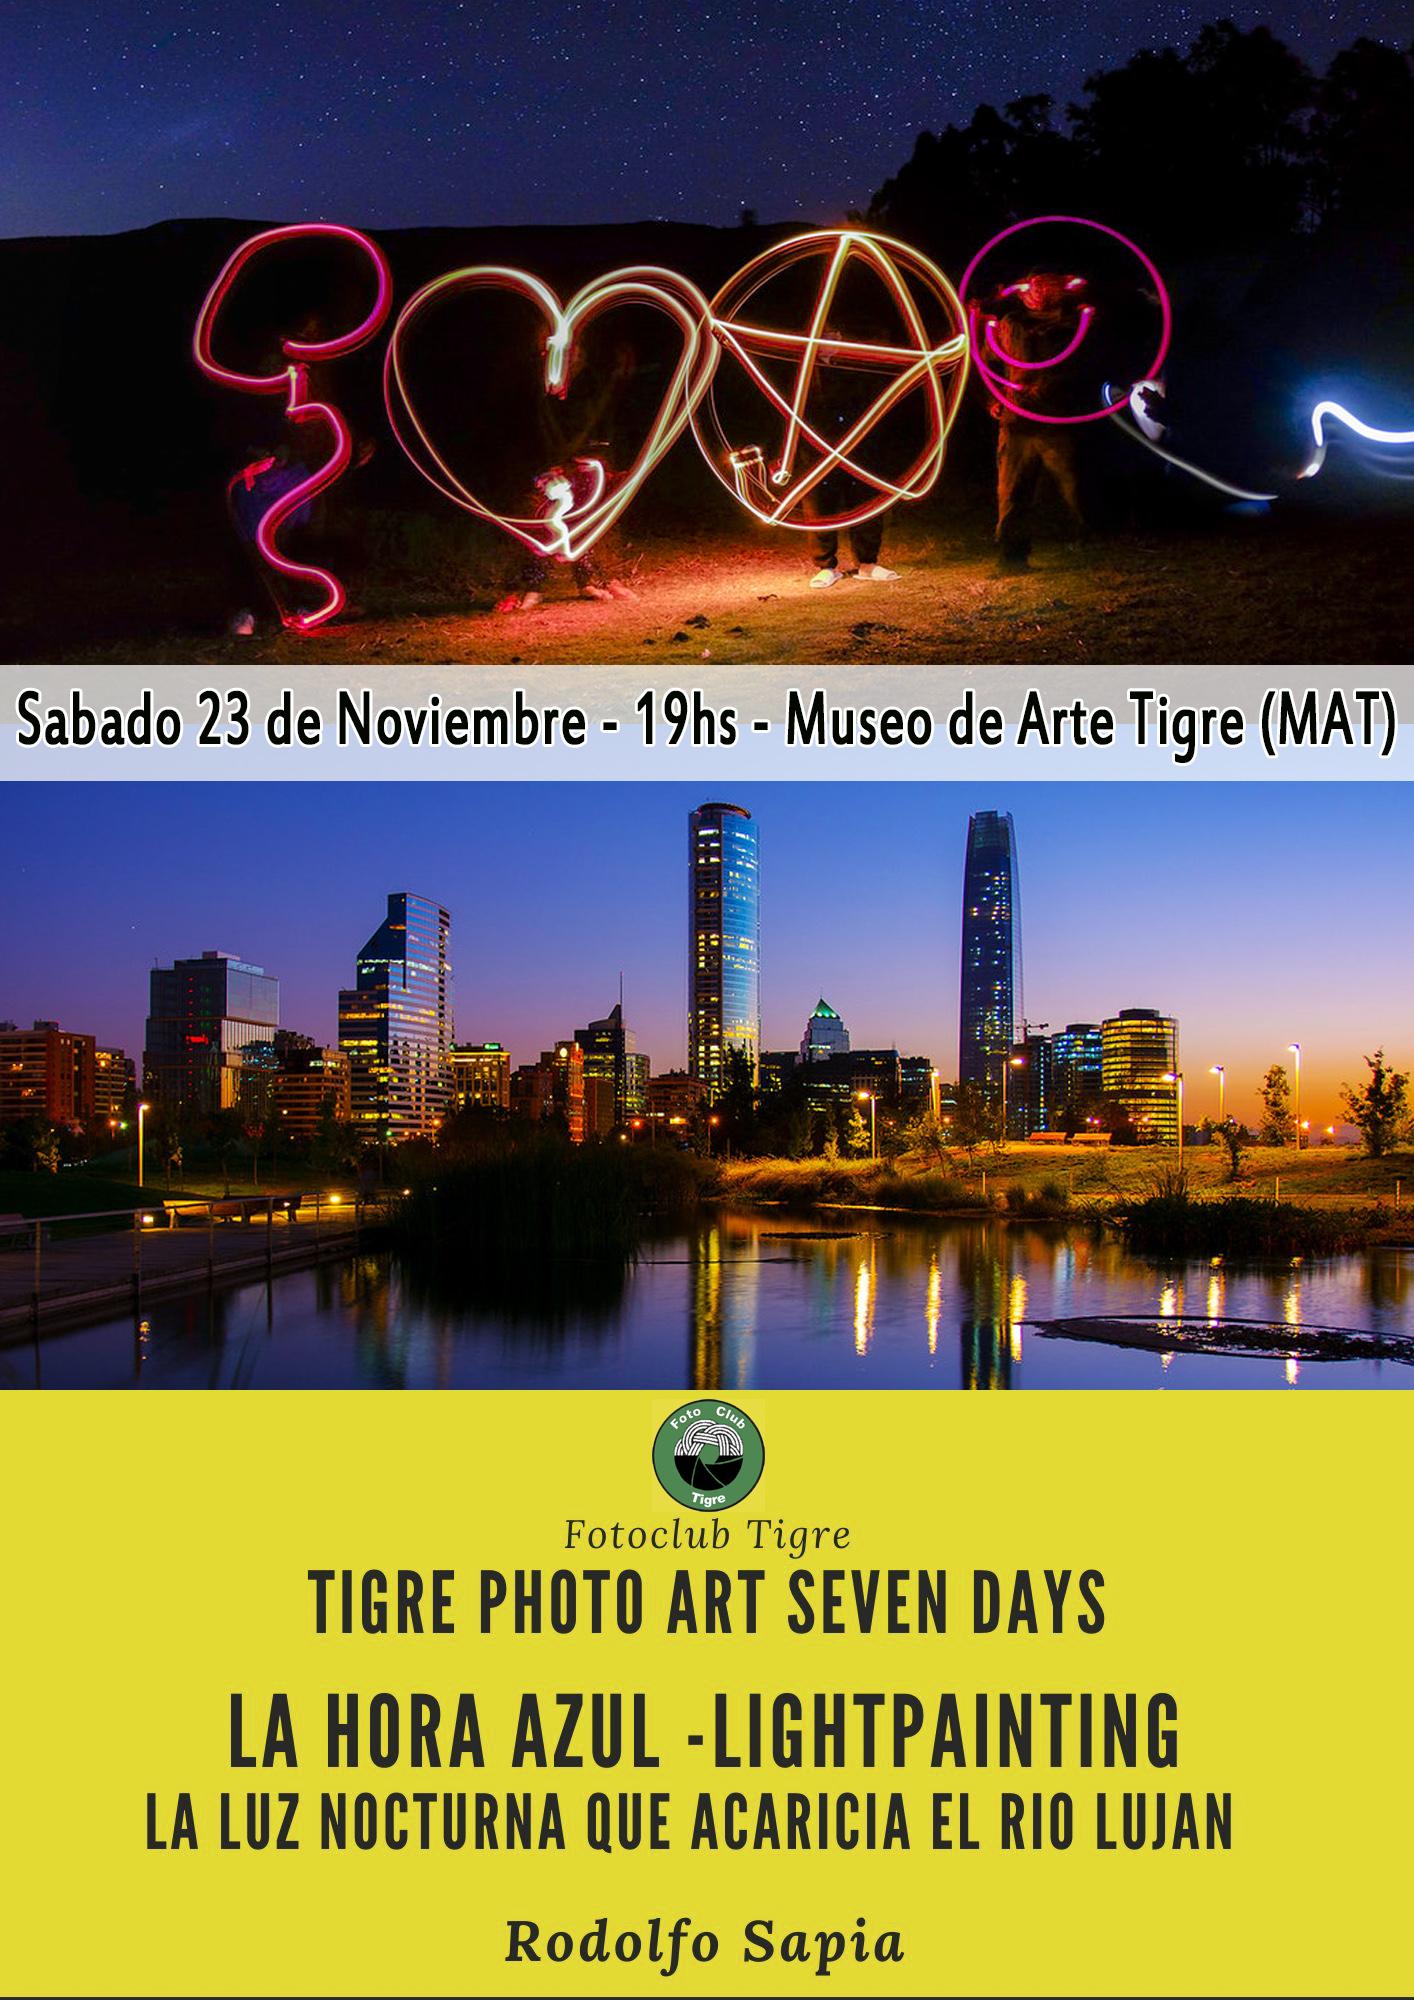 DÍA 2 : TALLER FOTOGRÁFICO (Rodolfo Sapia) La hora Azul – La luz nocturna acaricia las aguas del río Luján- Ligth painting